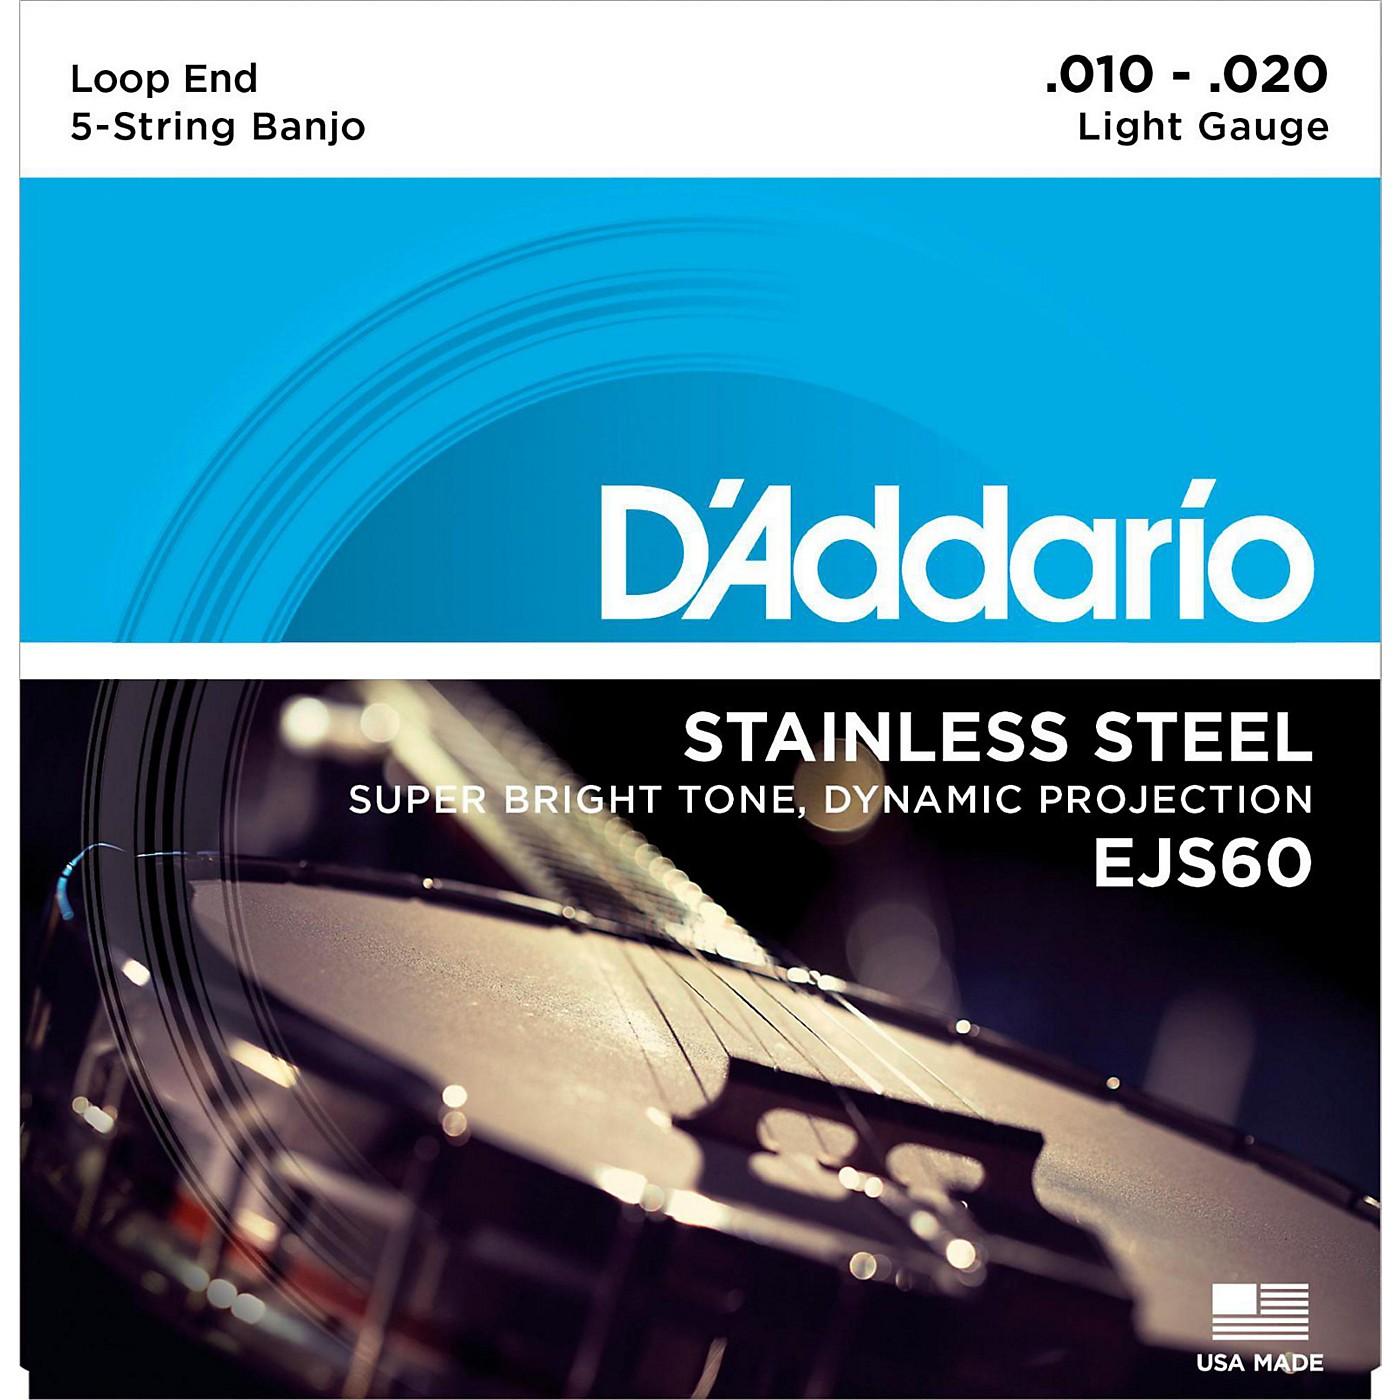 D'Addario EJS60 Stainless Steel Light 5-String Banjo Strings (9-20) thumbnail